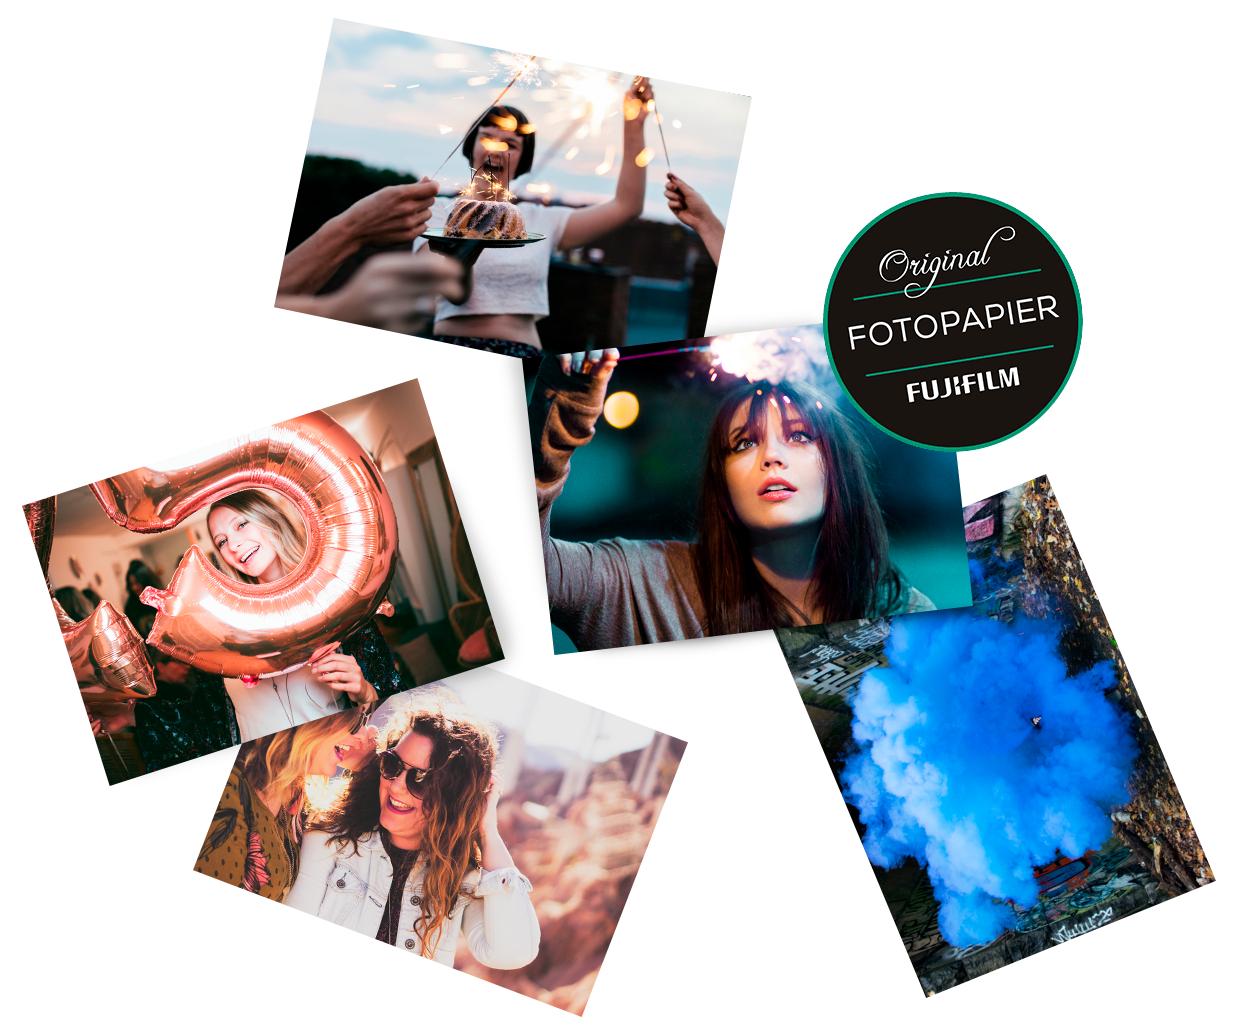 100 Fotos im 10er Format von myFUJIFILM für nur 2,99€ VSK (Neukunden)